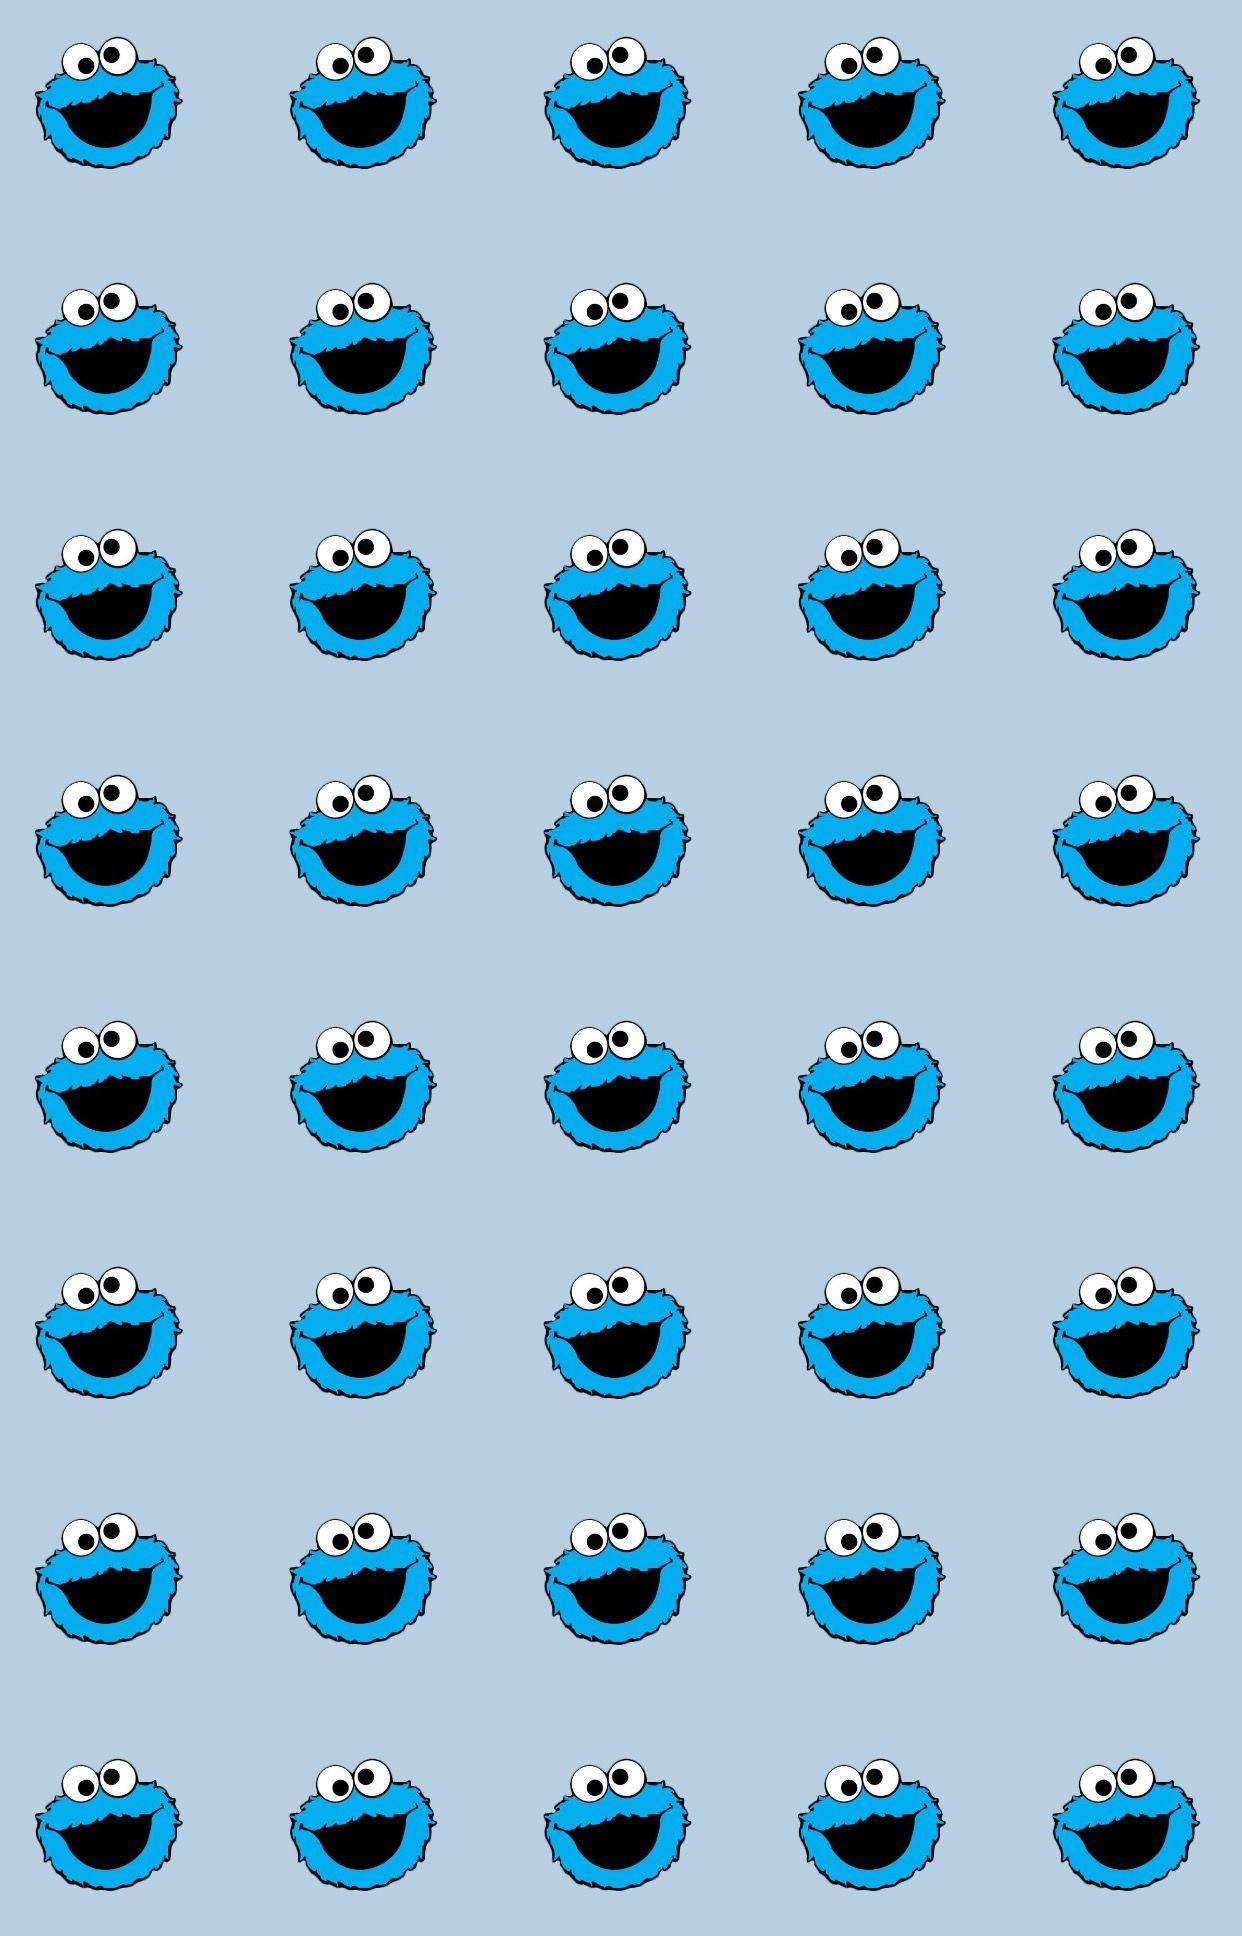 100 件 Cookie おすすめの画像 セサミストリート クッキーモンスター エルモ